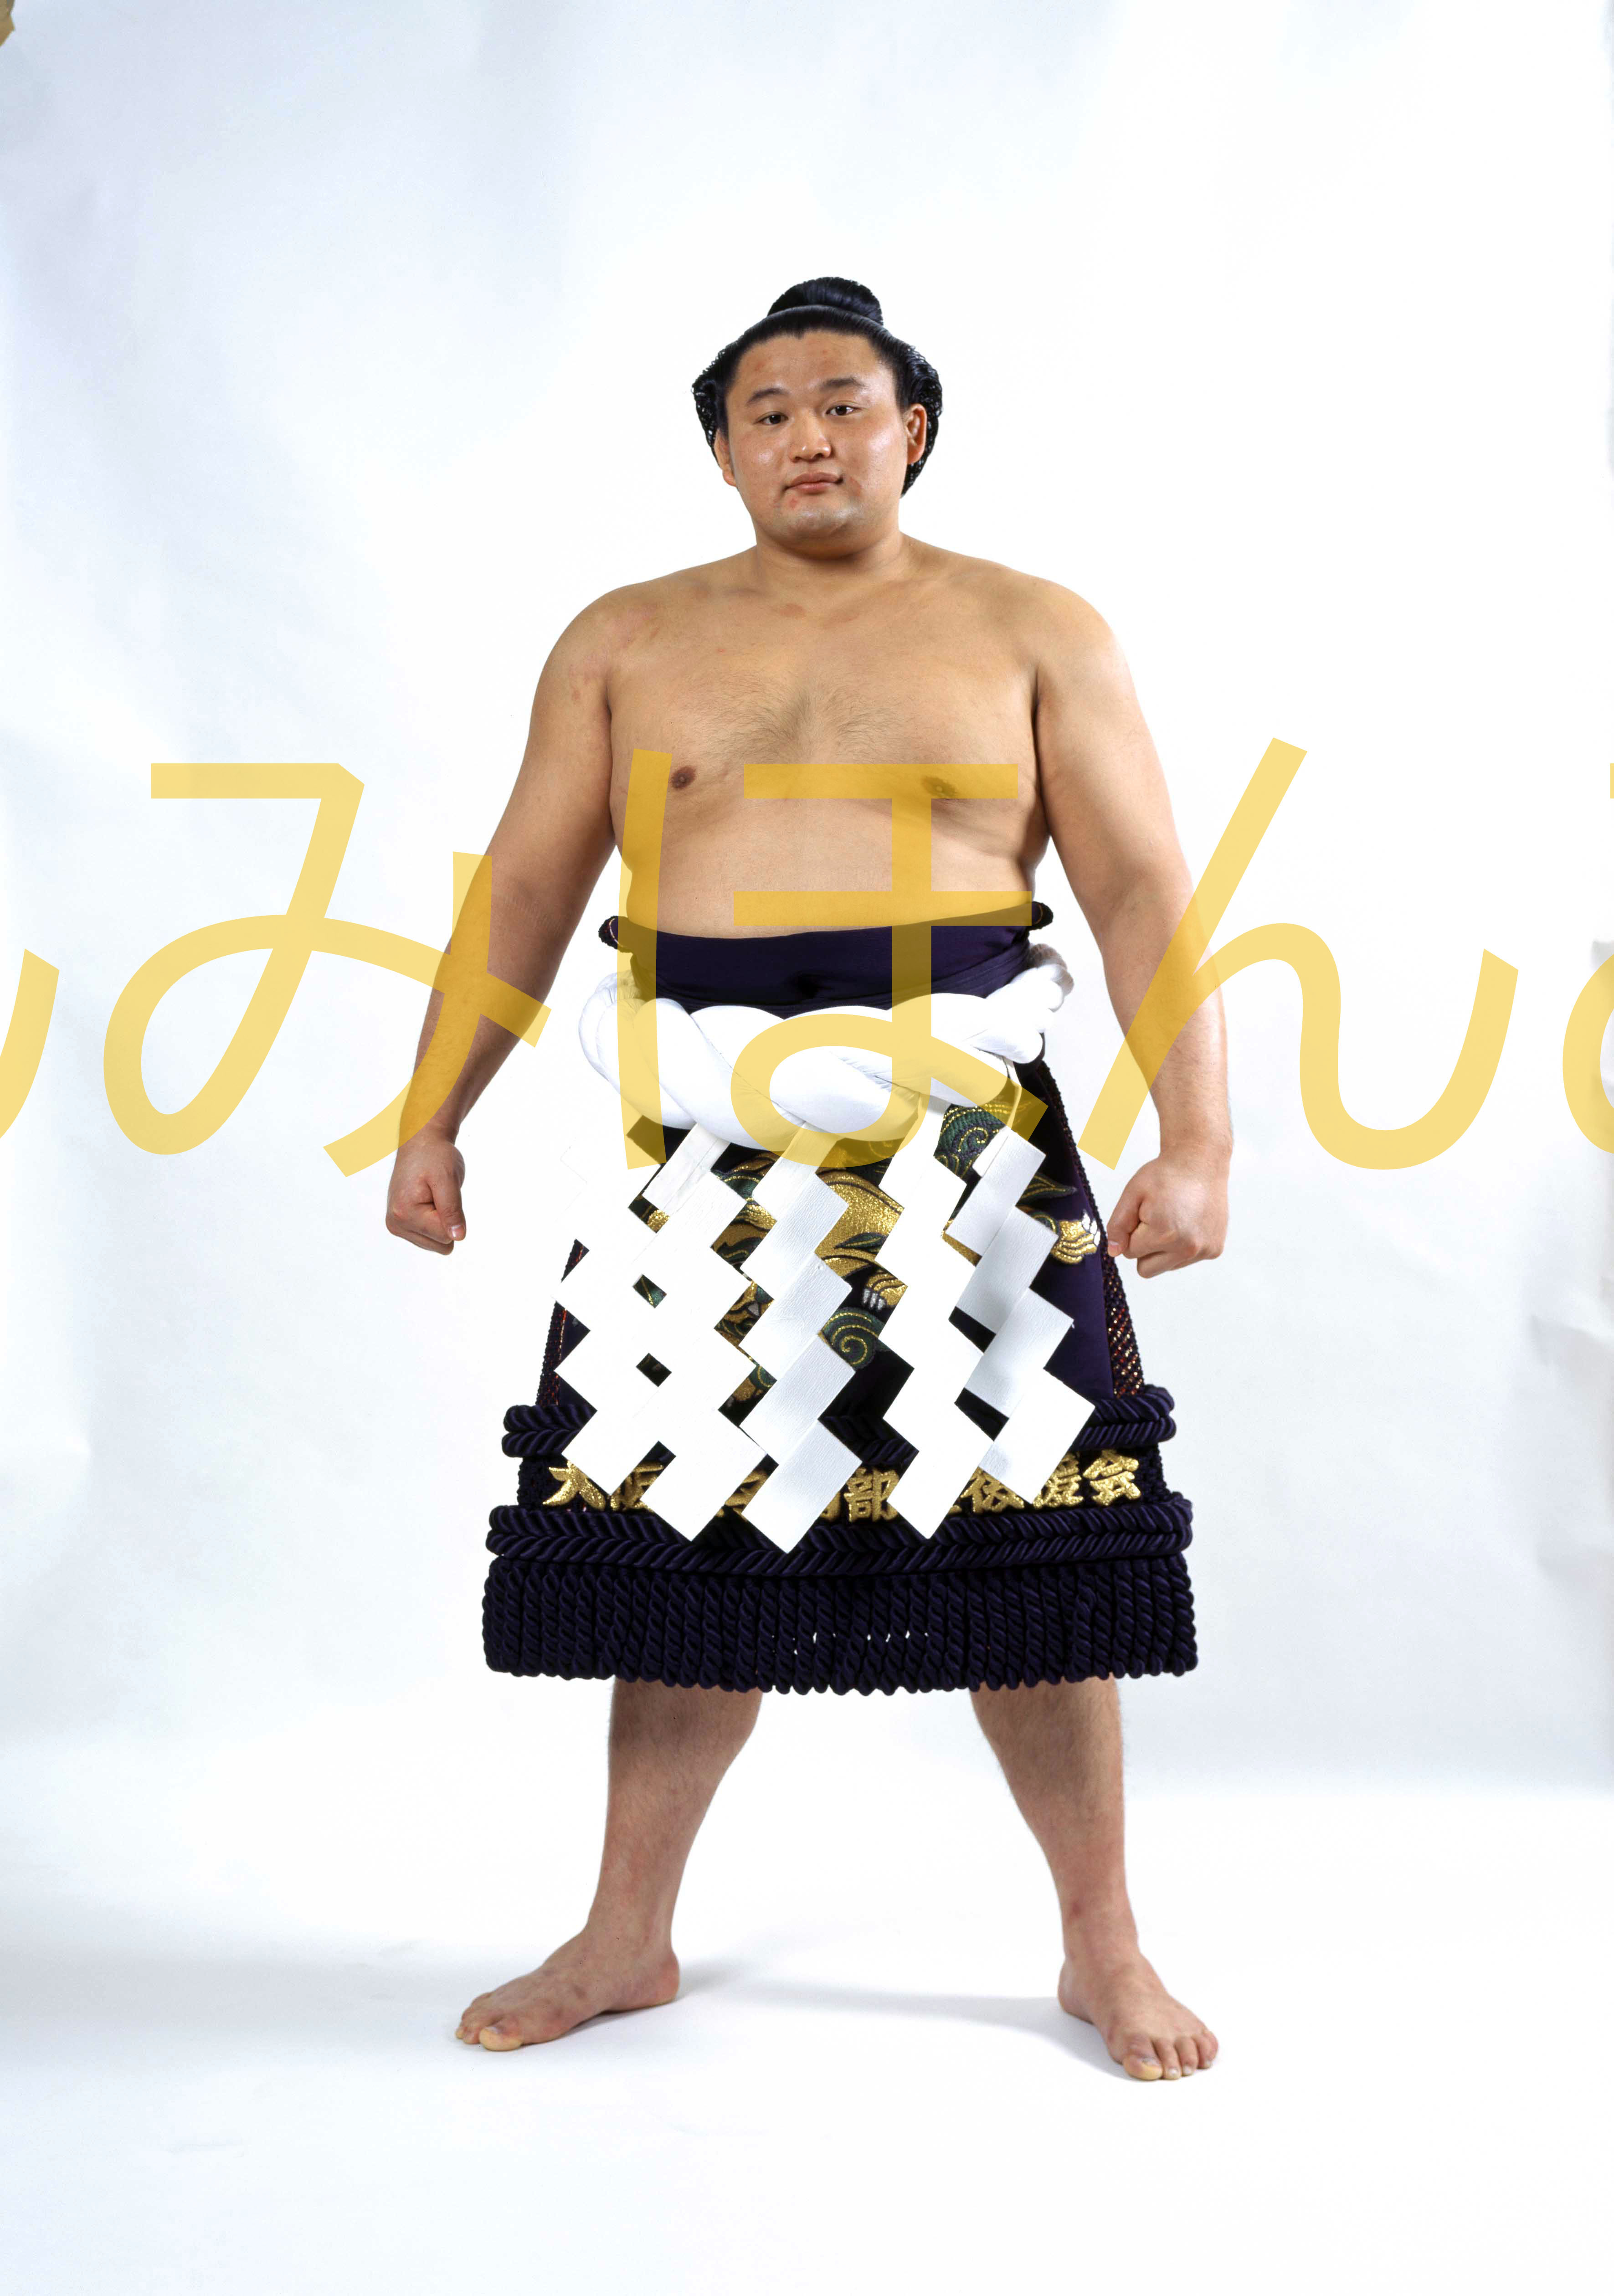 平成8年3月場所優勝 横綱 貴乃花光司関(12回目の優勝)